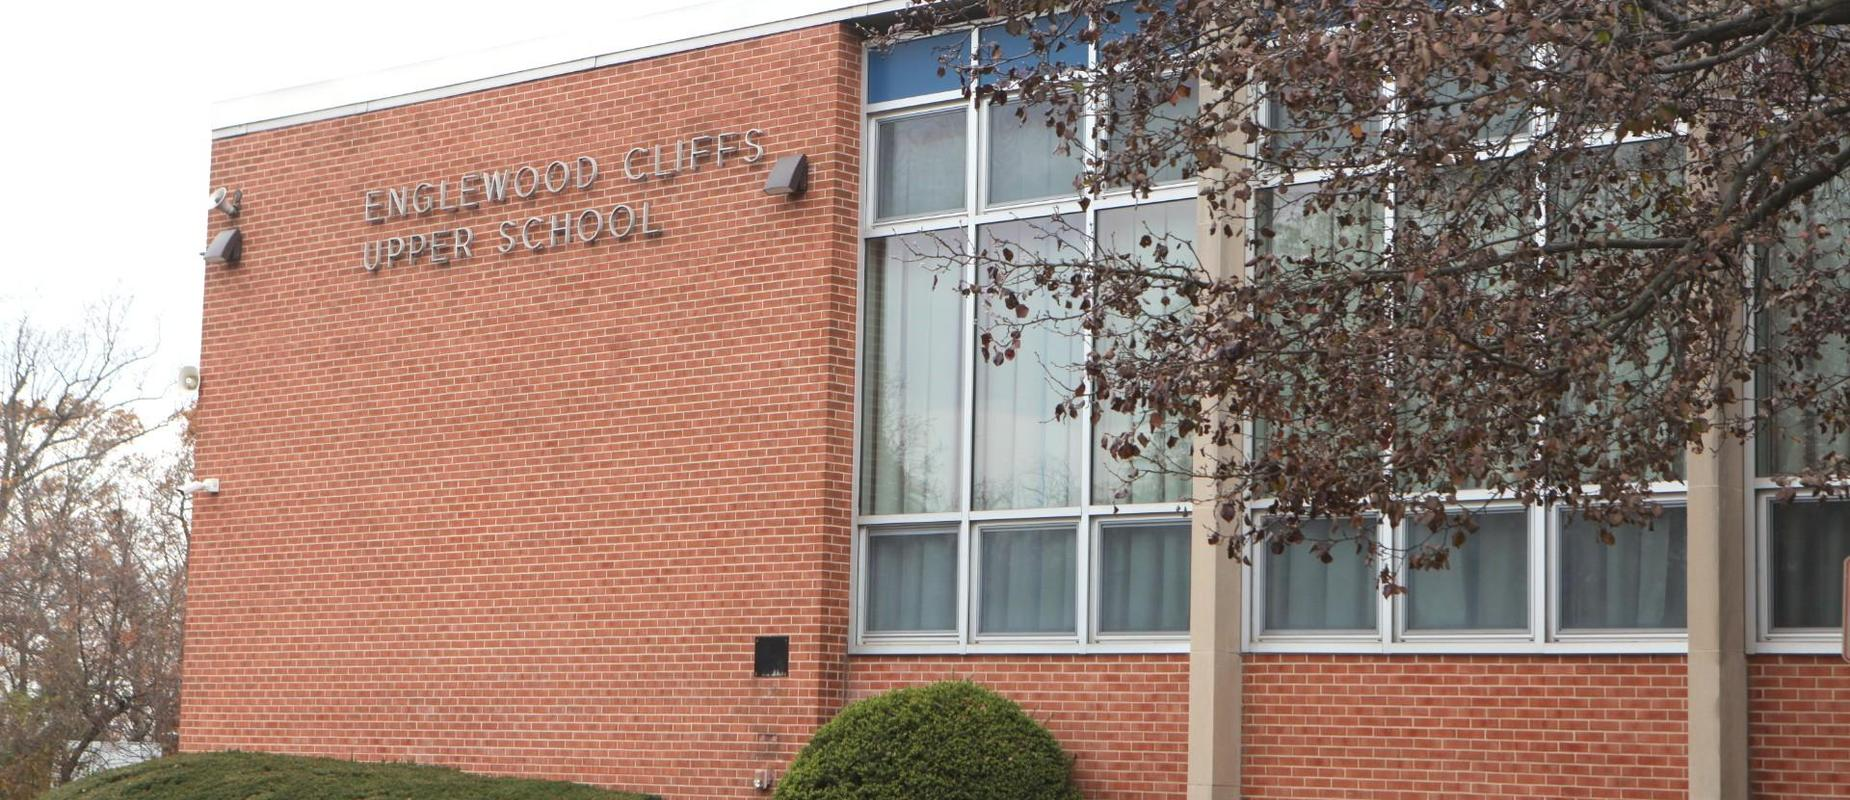 Englewoodcliffs Upper School